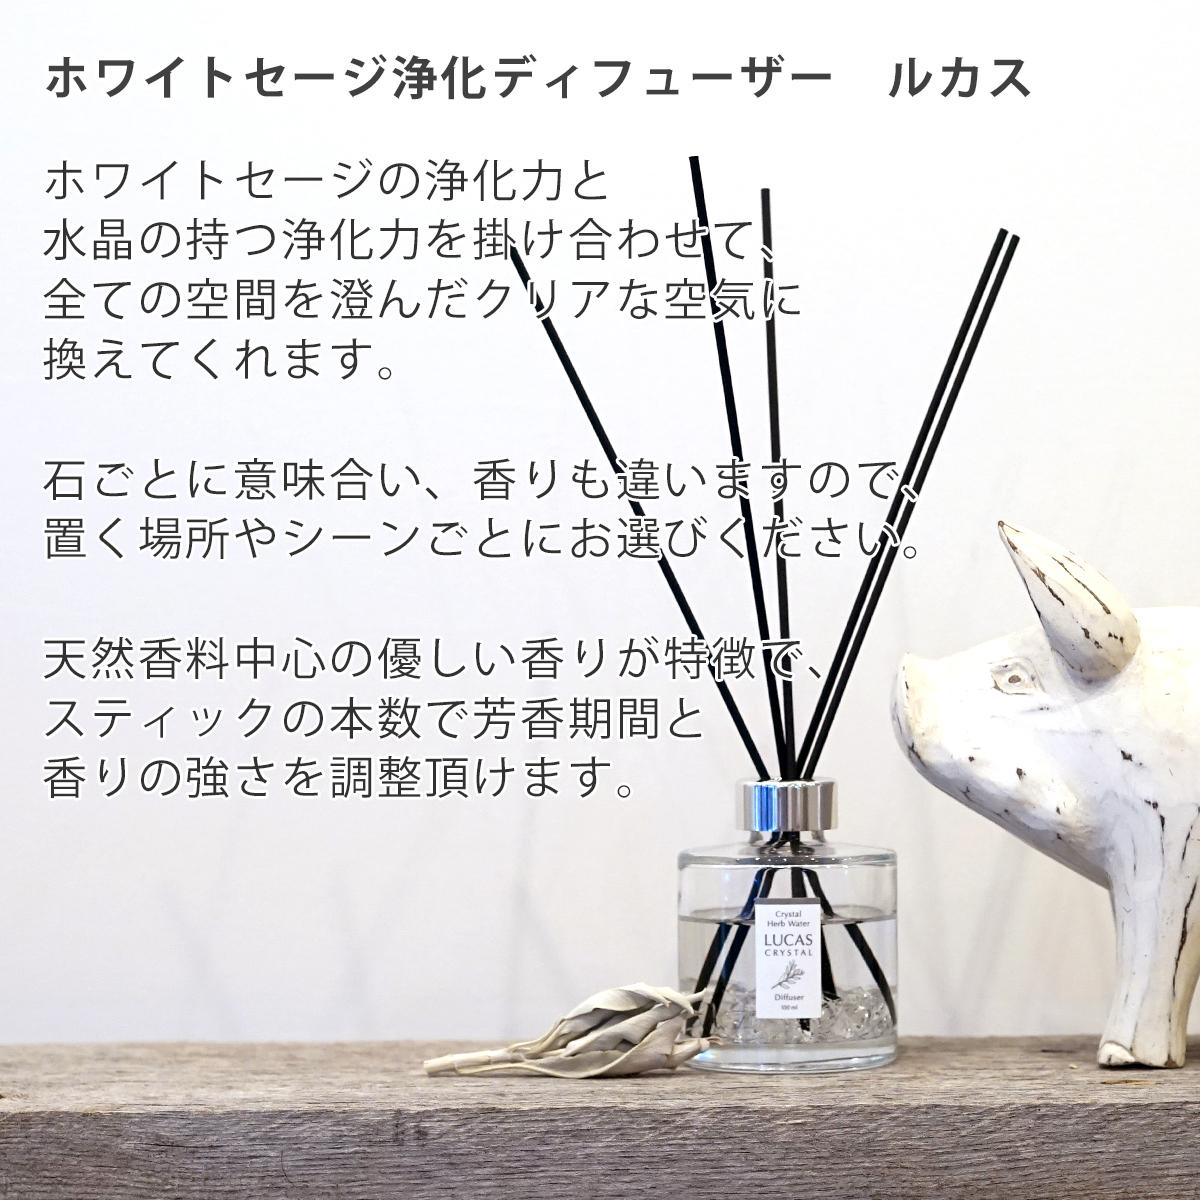 浄化ディフューザー ルカス 【アクアマリン】